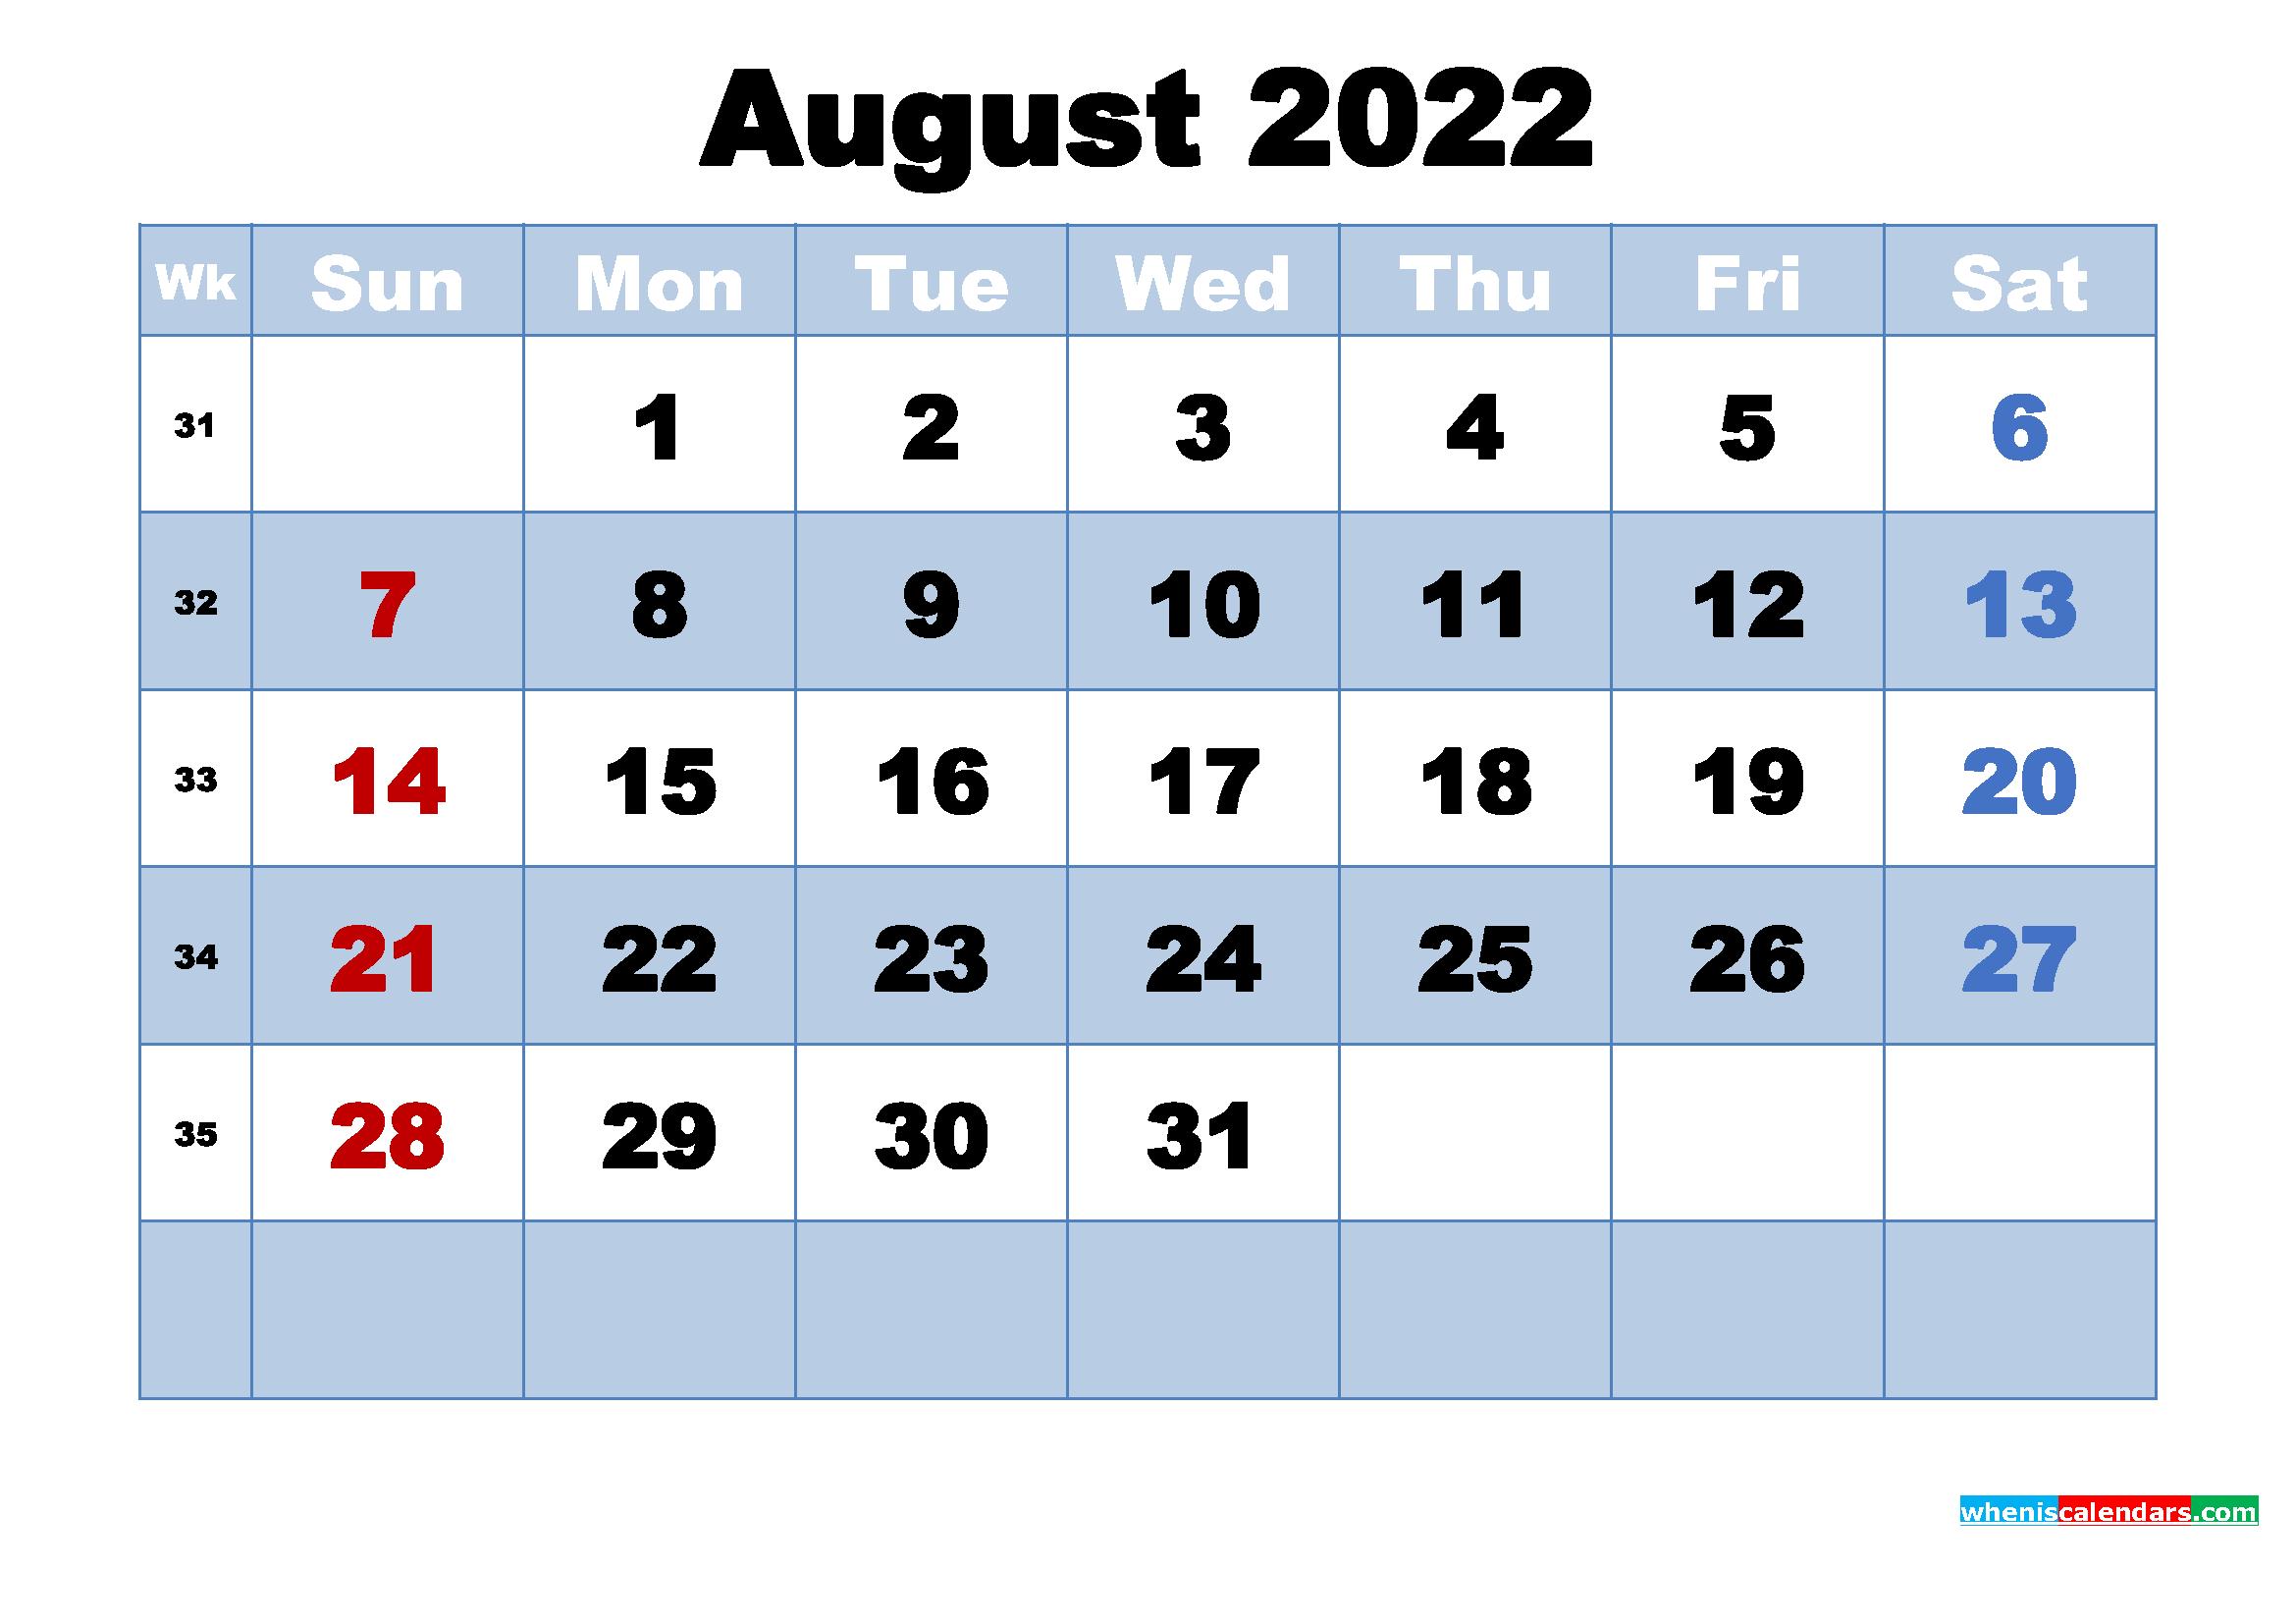 August 2022 Calendar Wallpaper High Resolution